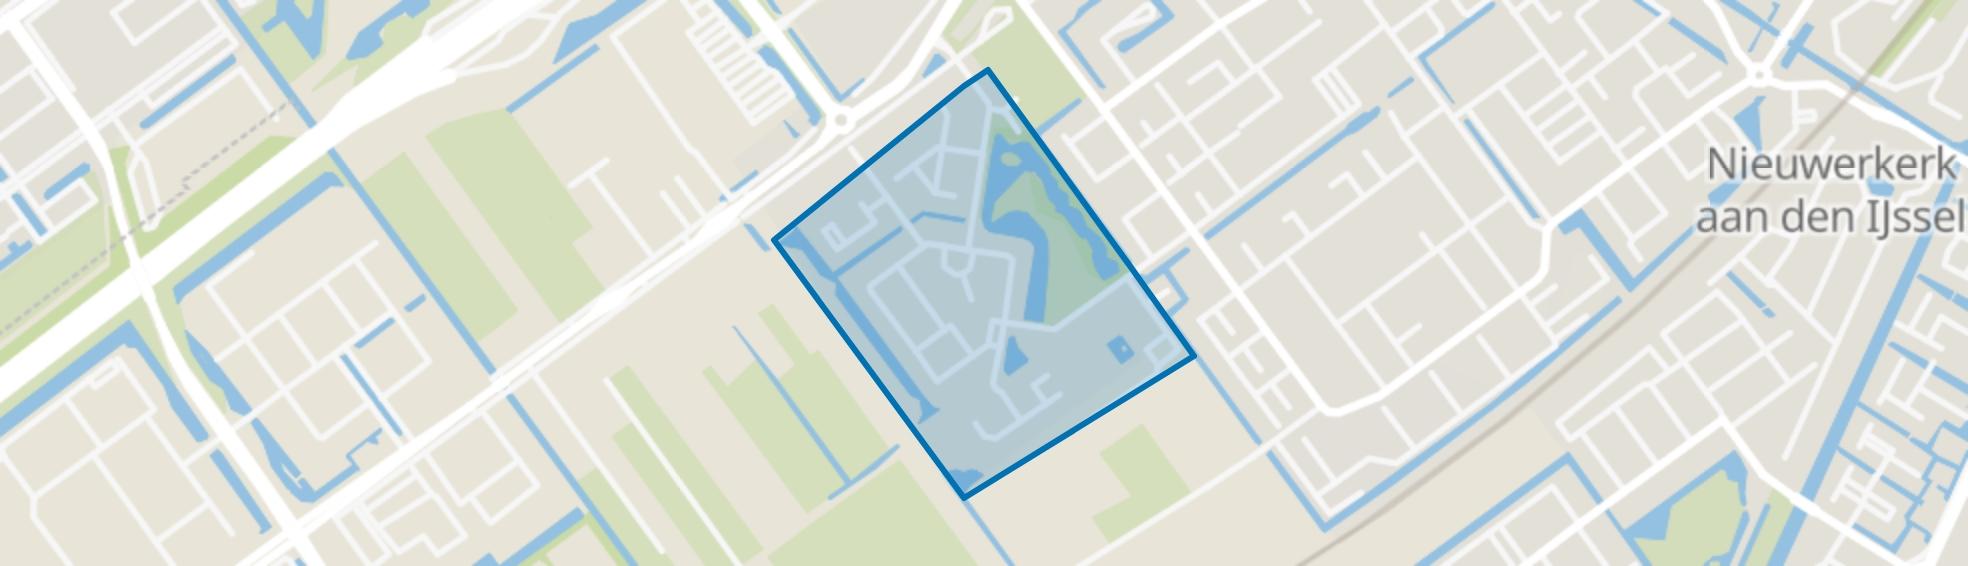 Parkzoom, Nieuwerkerk aan den IJssel map